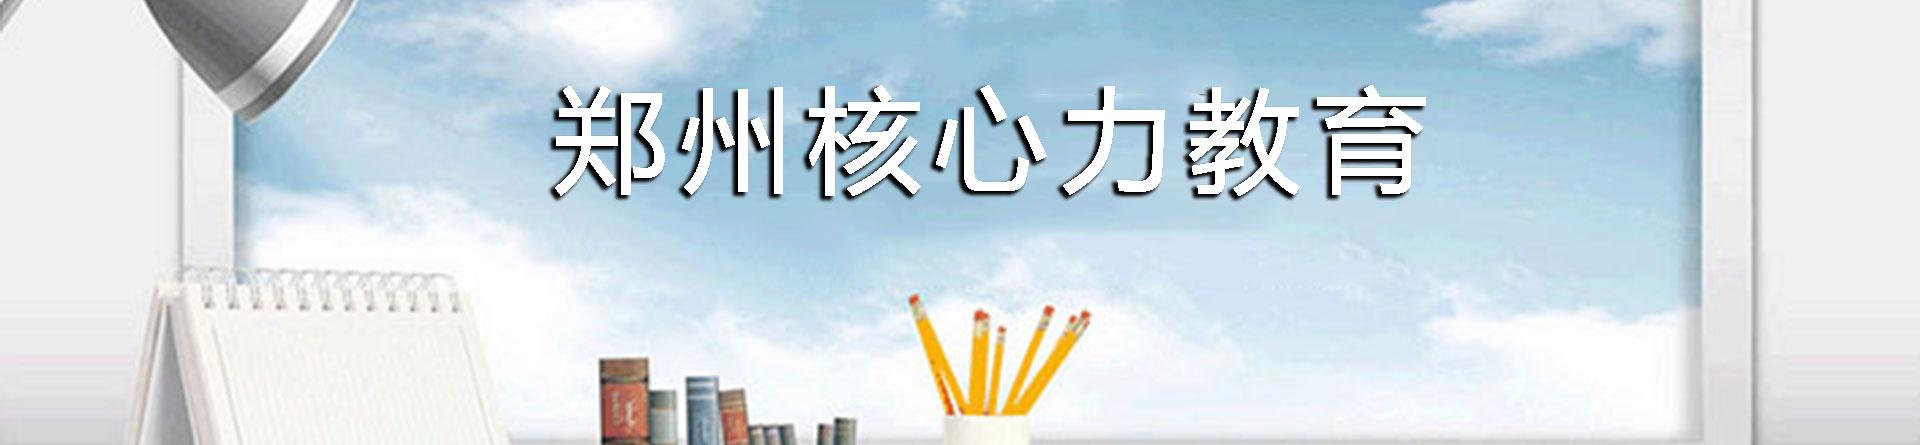 郑州核心力教育